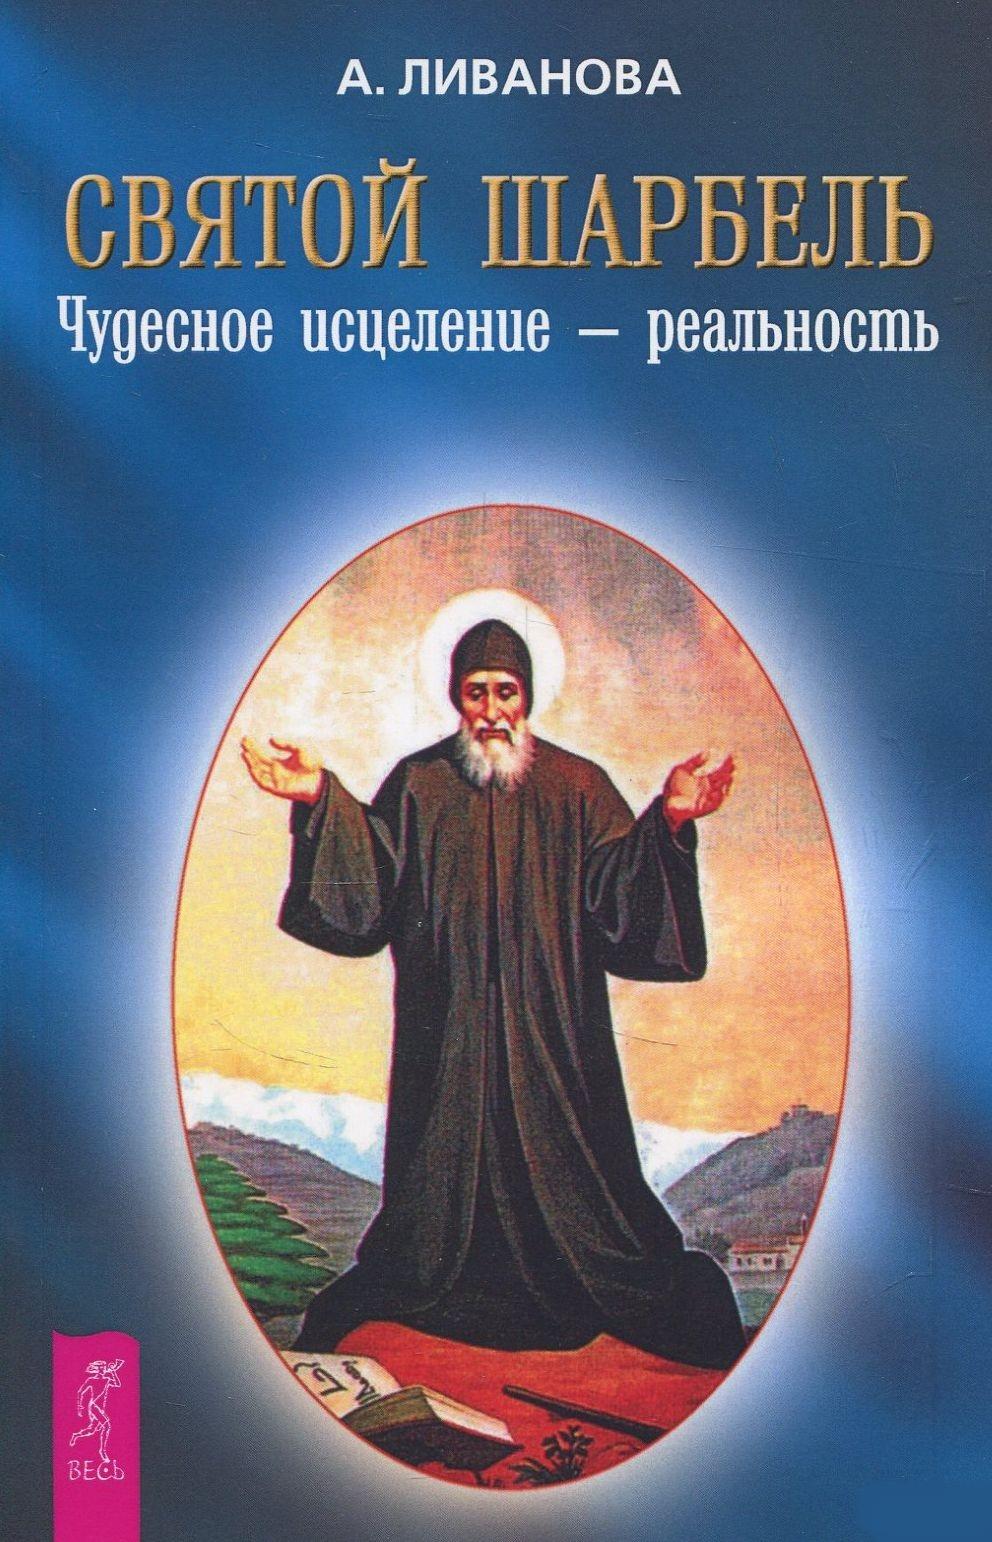 Александра Ливанова Святой Шарбель. Чудесное исцеление – реальность